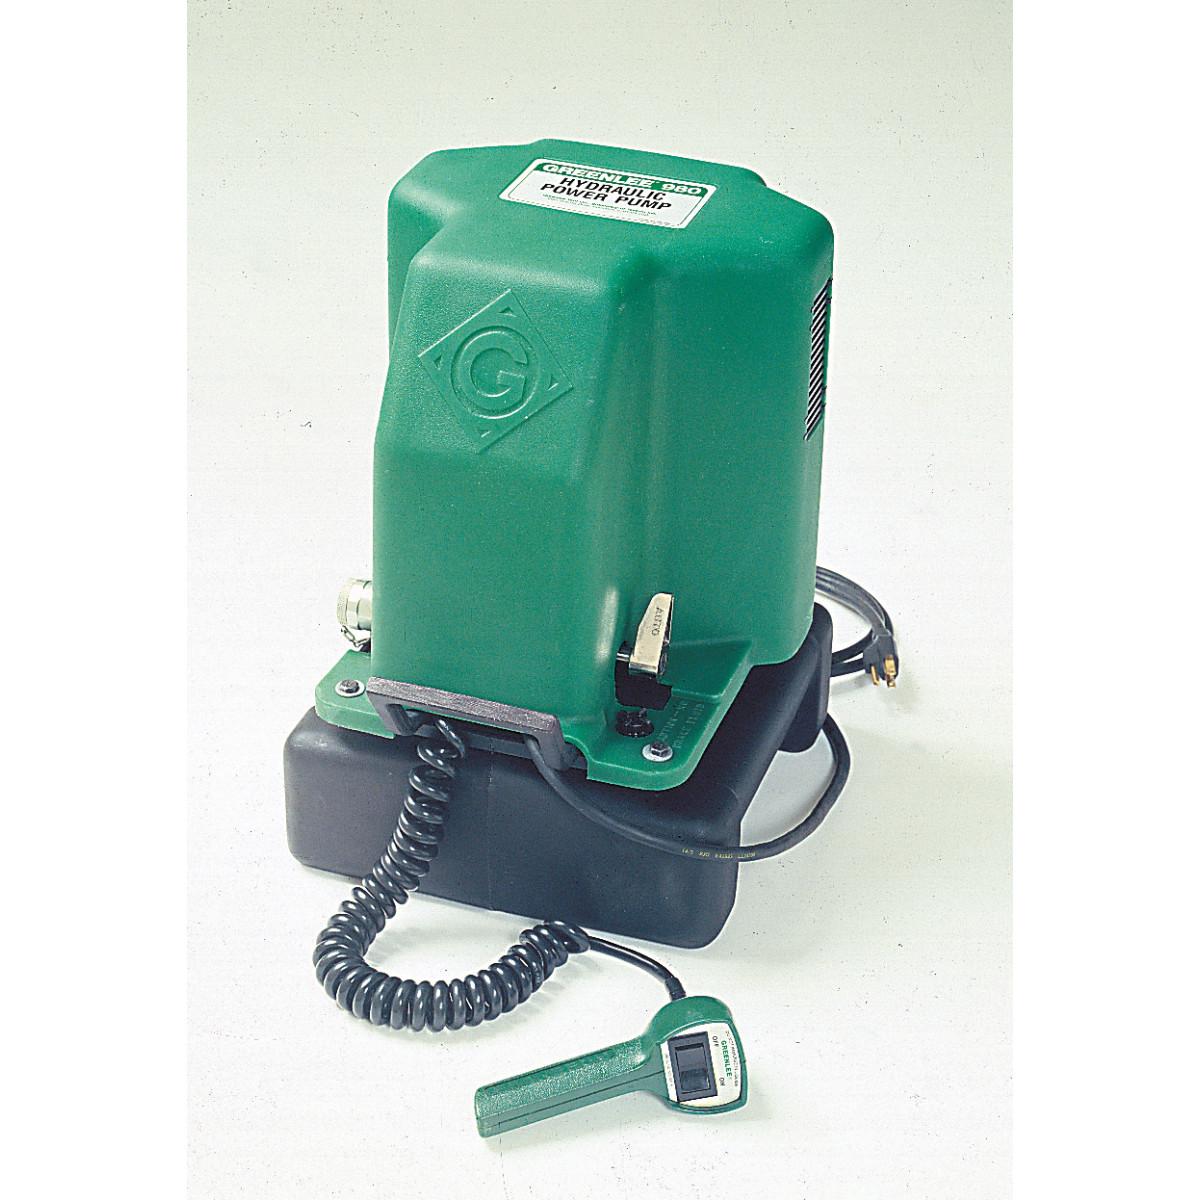 Greenlee 980 Pump Hyd Power (980)